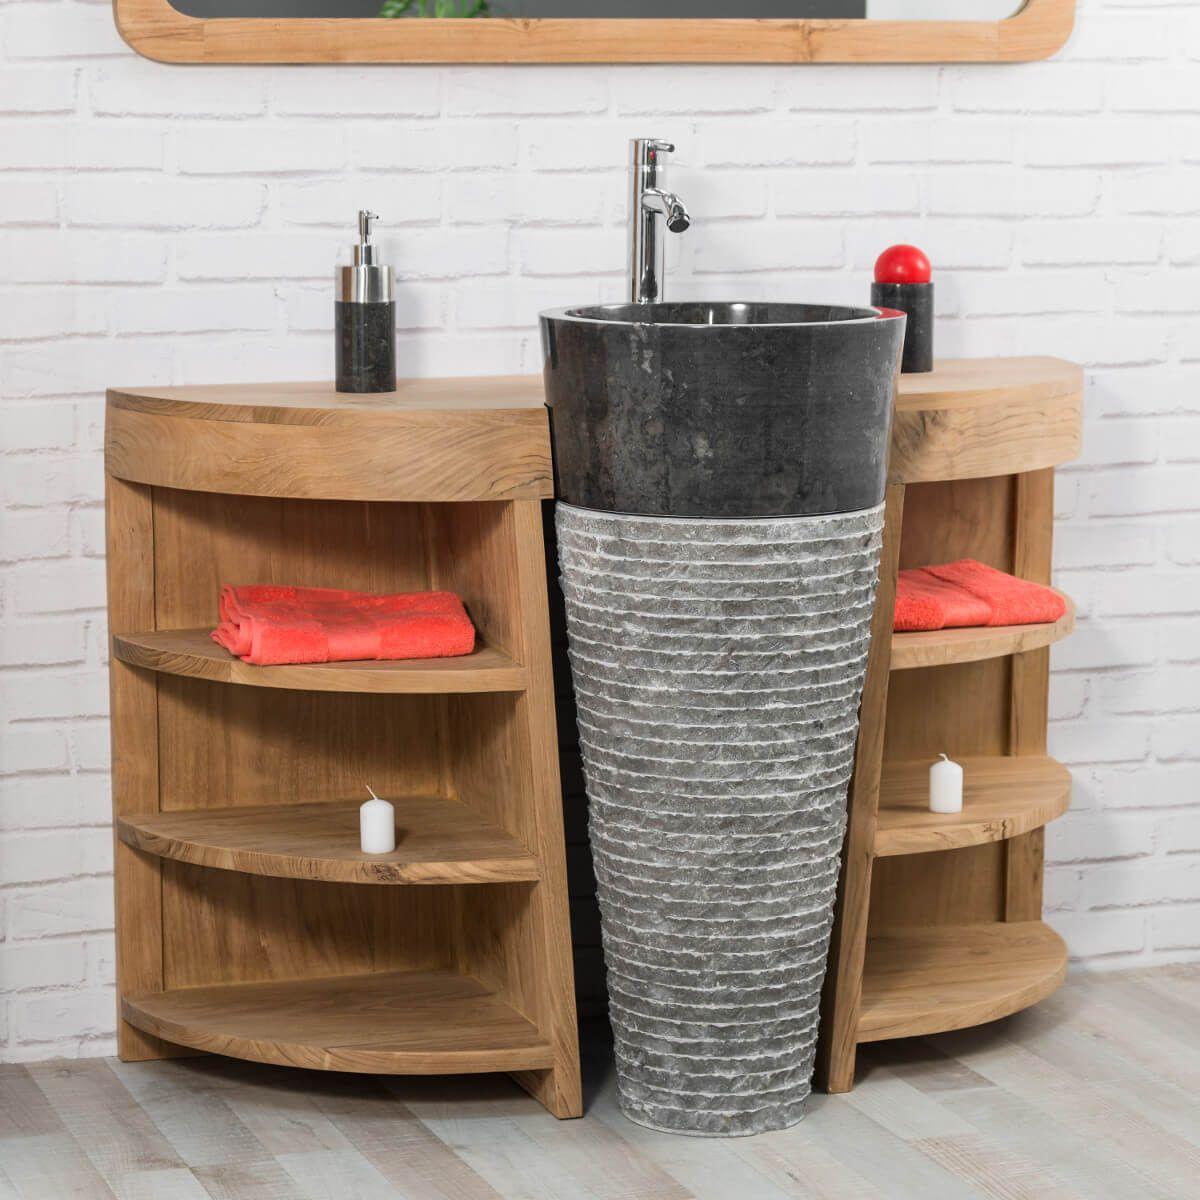 meuble de salle de bain en teck florence 120cm + vasque noir | art ... - Meuble En Teck Pour Salle De Bain